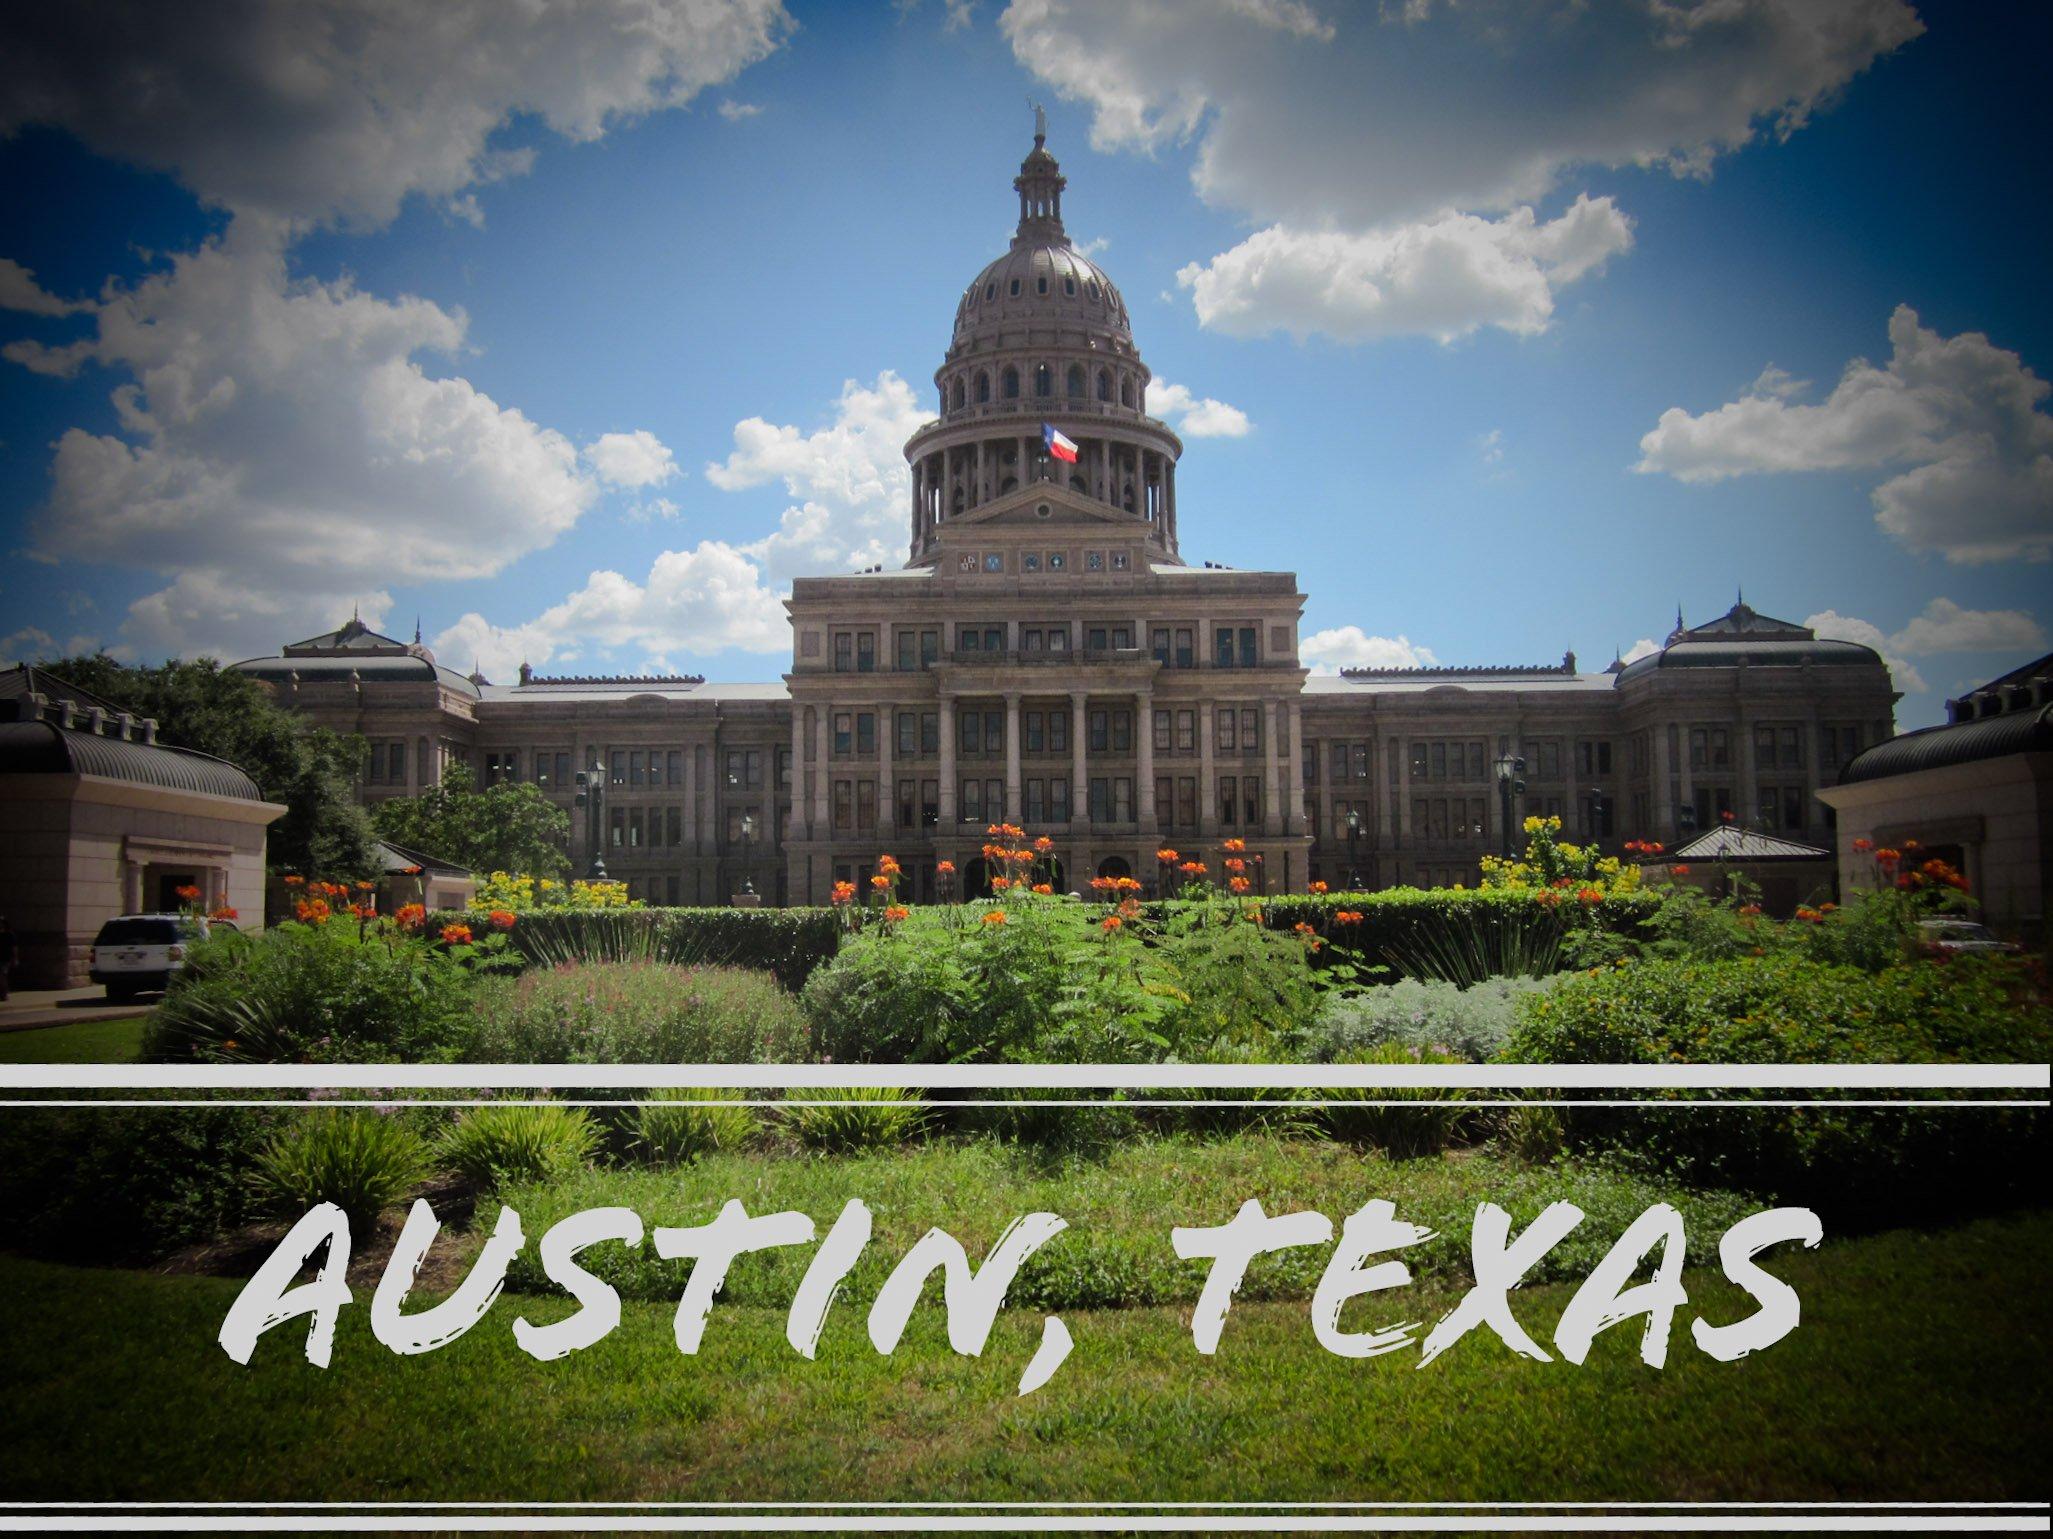 Weekend Getaway in Austin